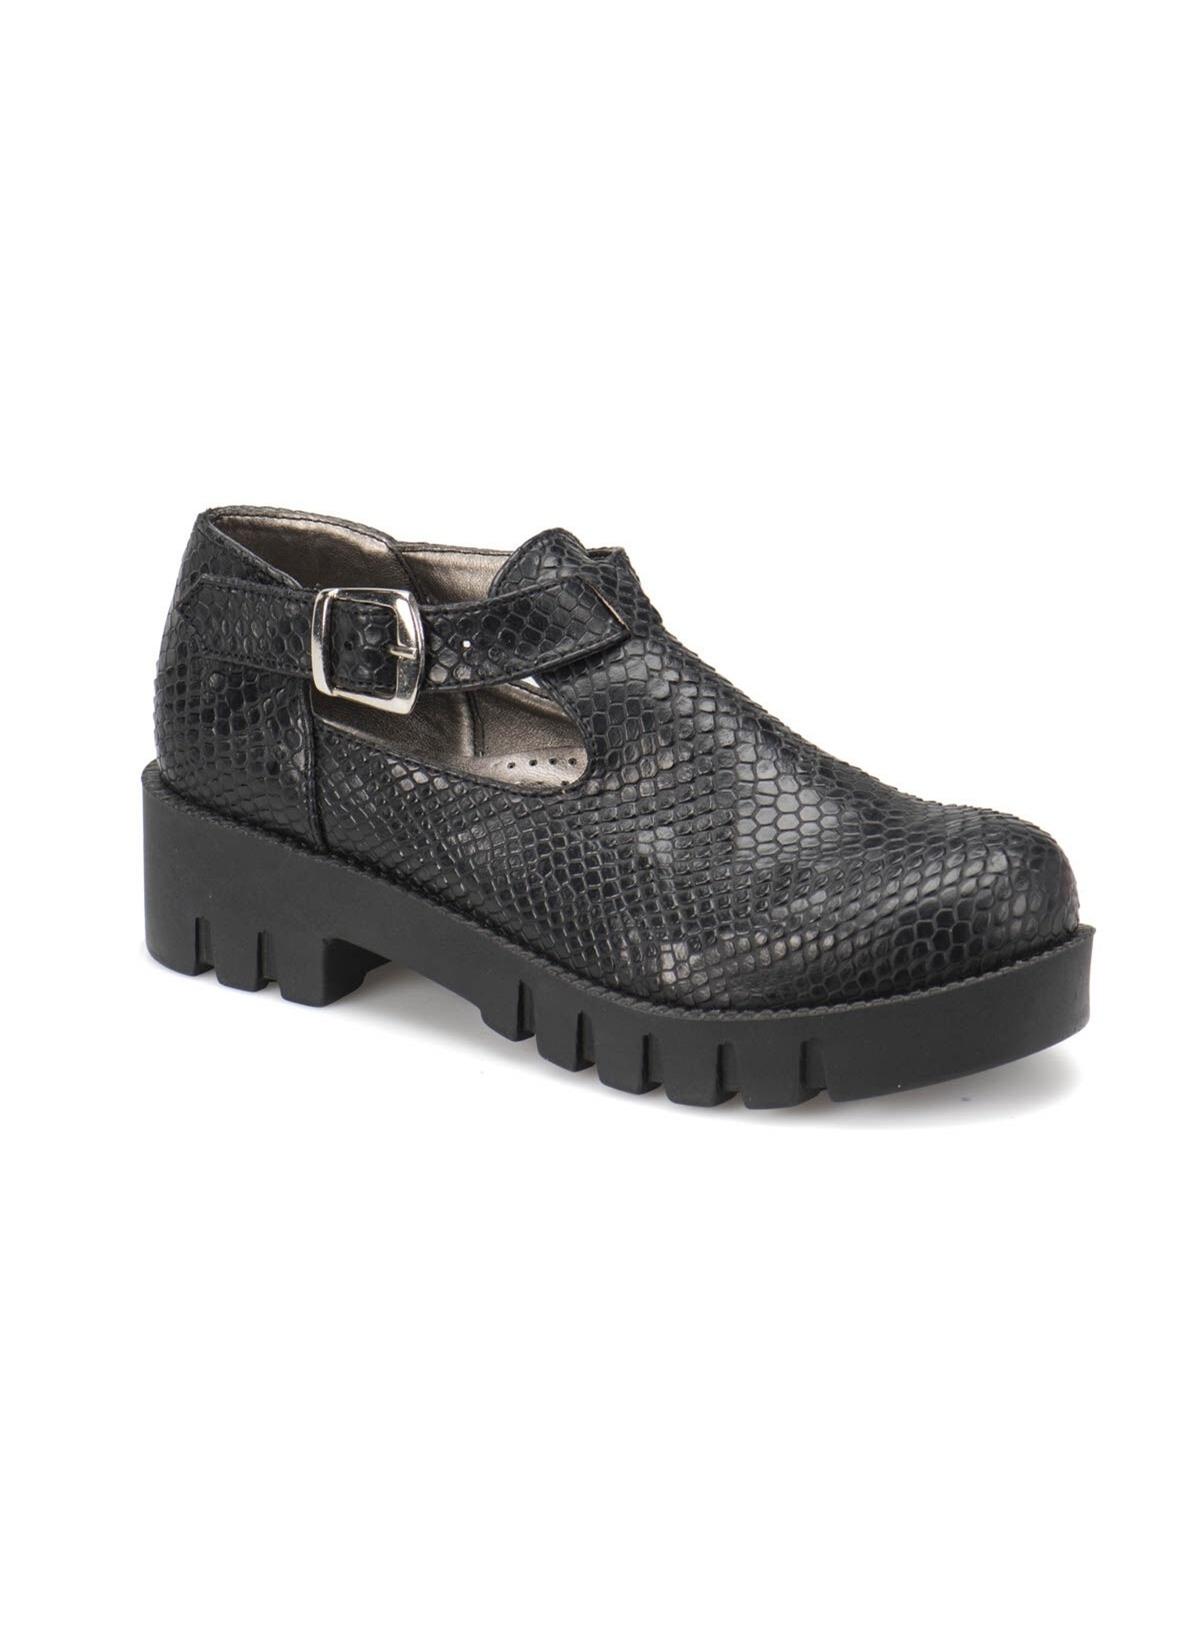 Seven Babet Fp1000-ayakkabı – 54.99 TL